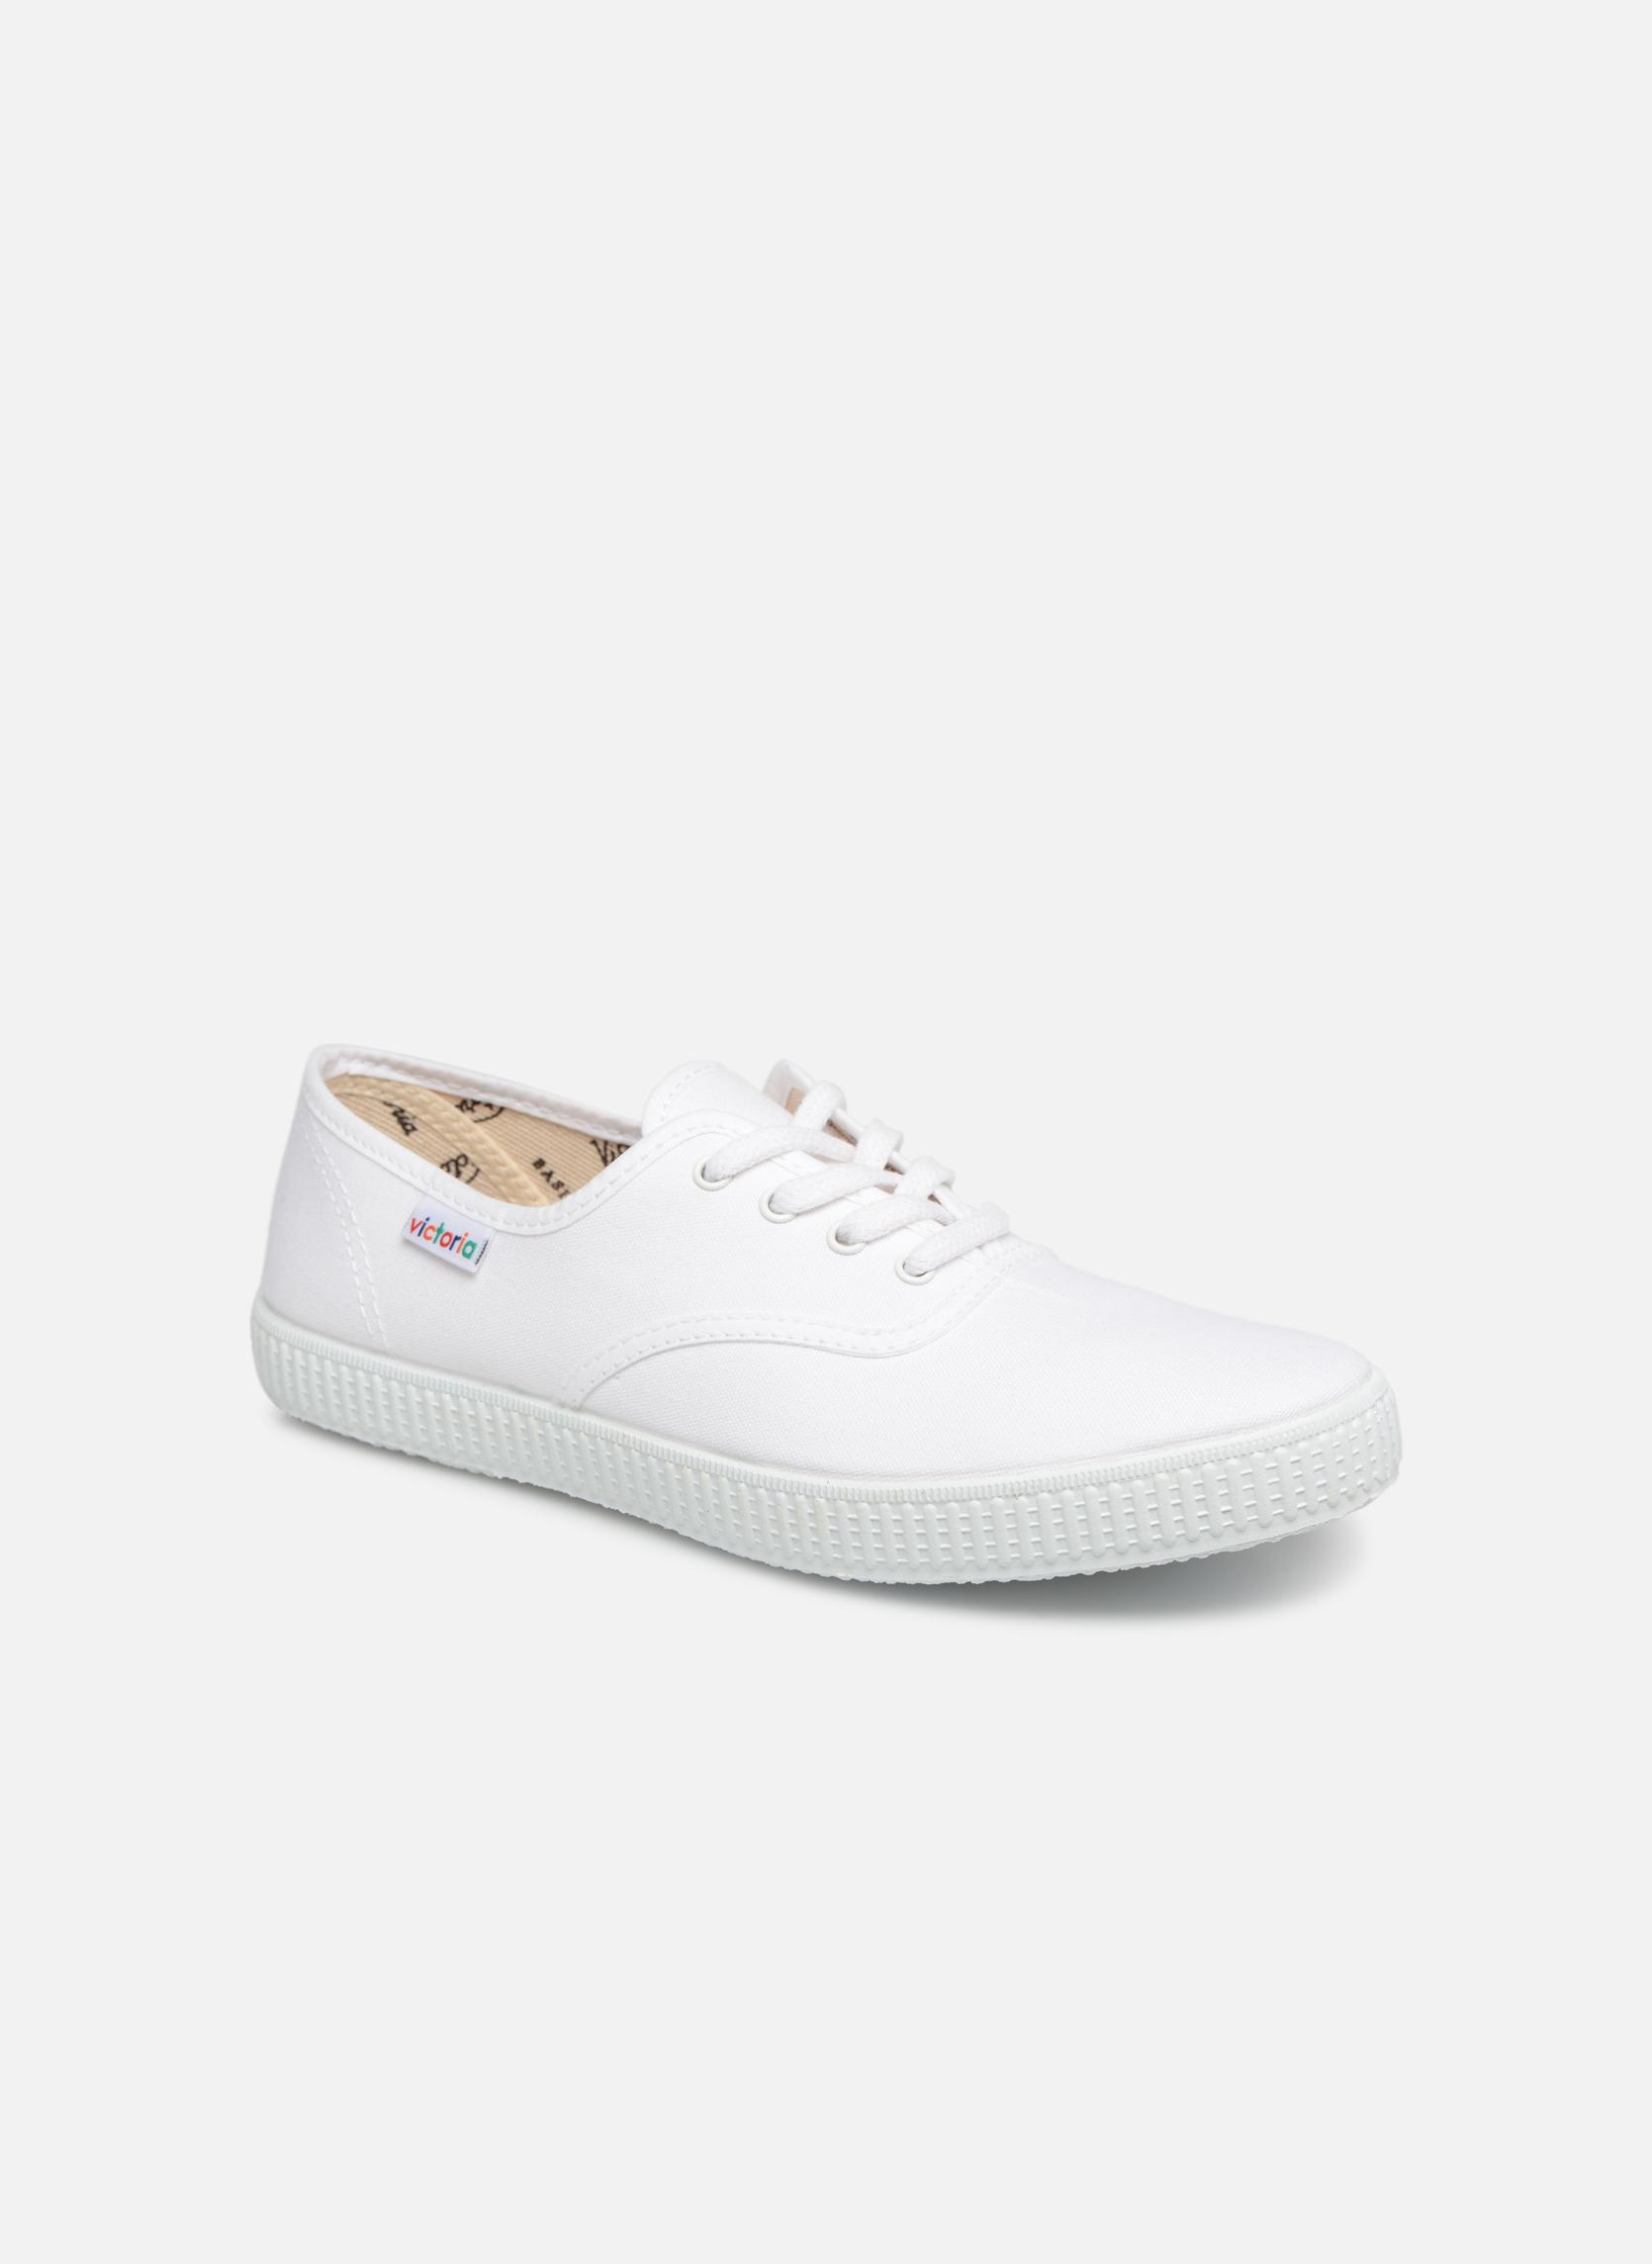 Mit Visum Zahlen Zu Verkaufen Günstig Kaufen Geniue Händler Victoria - Damen - Victoria W - Sneaker - weiß Billig Verkauf Blick Outlet Bequem eRC9V